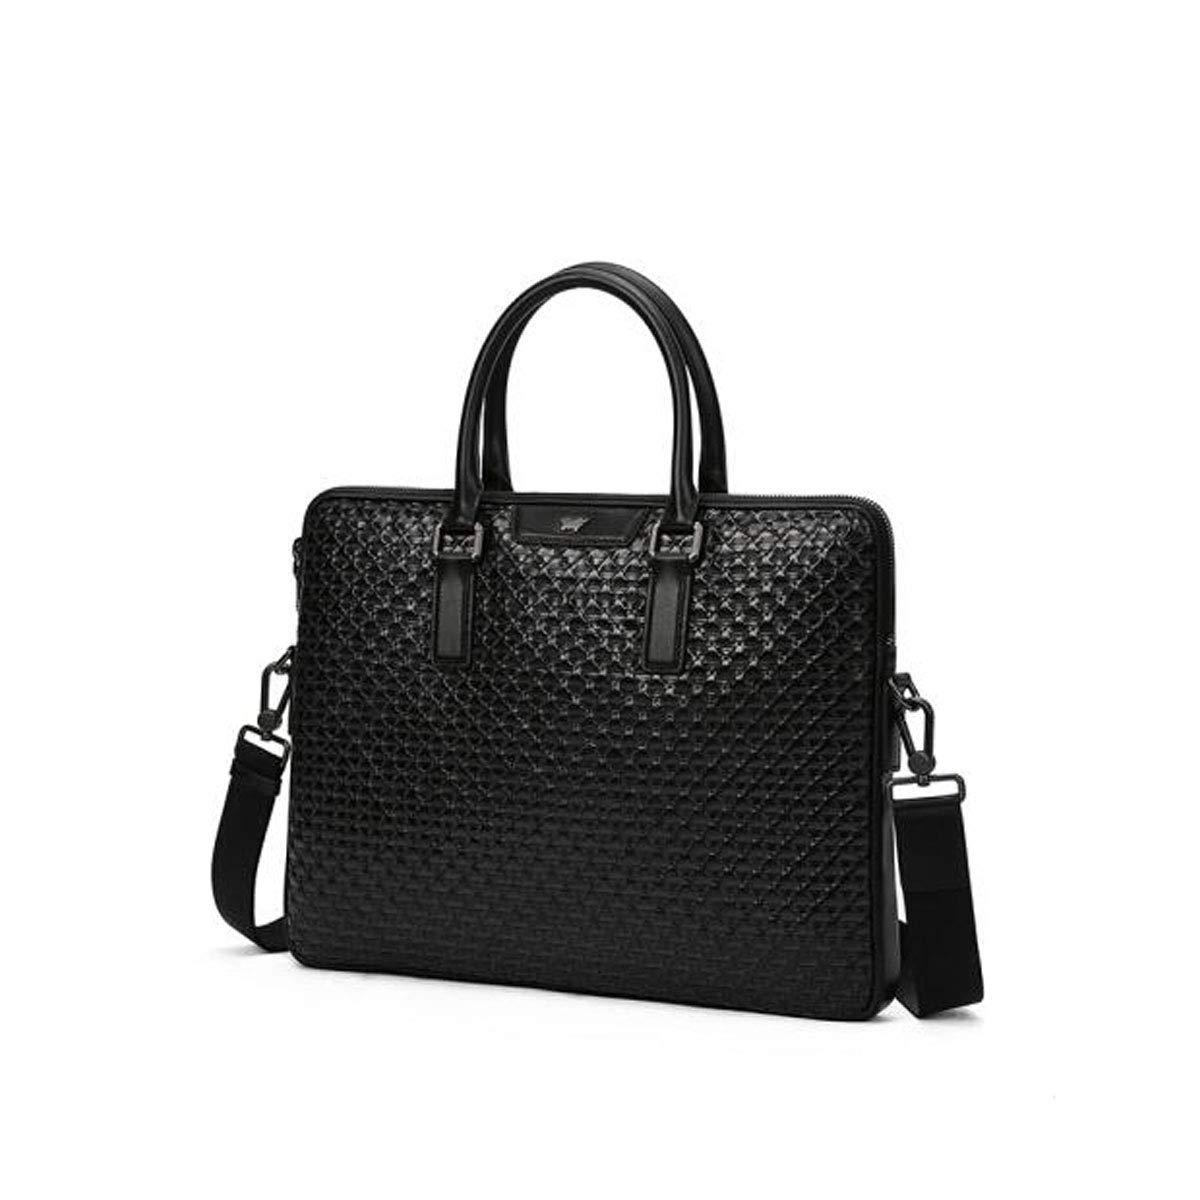 Hengxiang メッセンジャーバッグ、ラップトップブリーフケース、メンズファッション織りパターン、レザーポータブルビジネスコンピュータバッグ、グリーンサイズ:39.54.830cm ビジネスオフィスメッセンジャーバッグ(カラー:ブラック) B07P7G7RCX